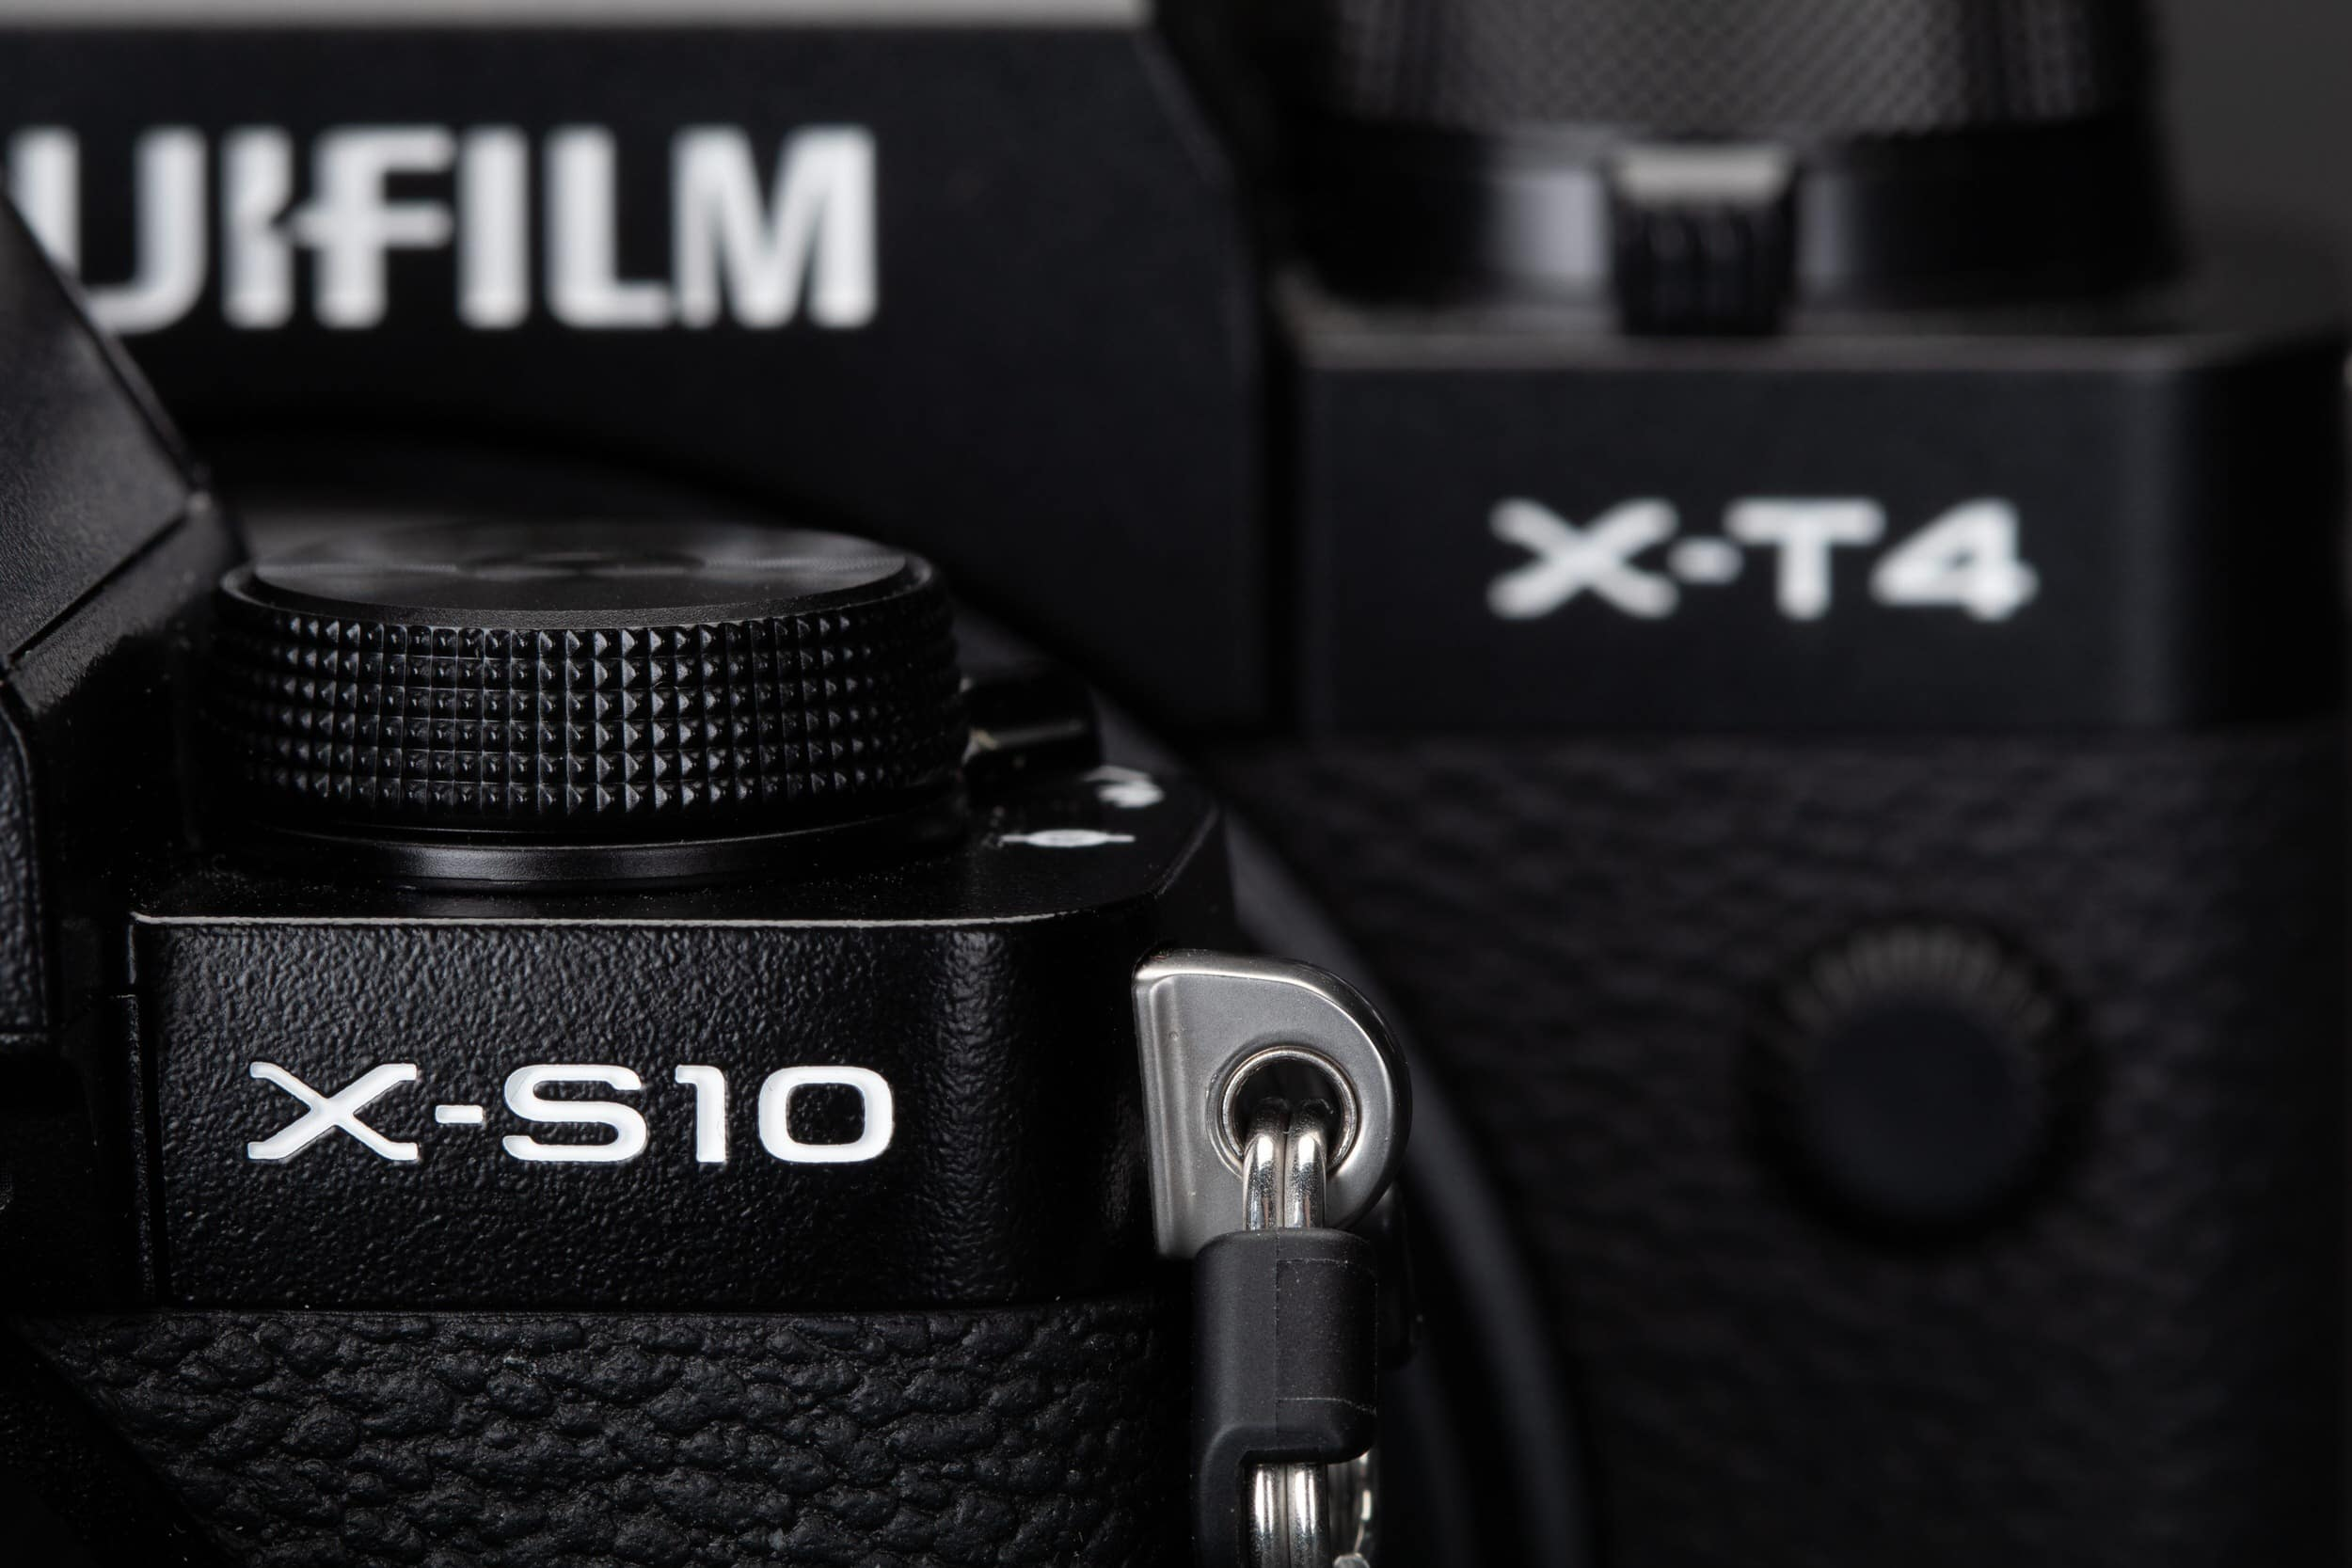 Cách sửa lỗi FRAME NO. FULL trên máy ảnh Fujifilm cùng một số lỗi khác